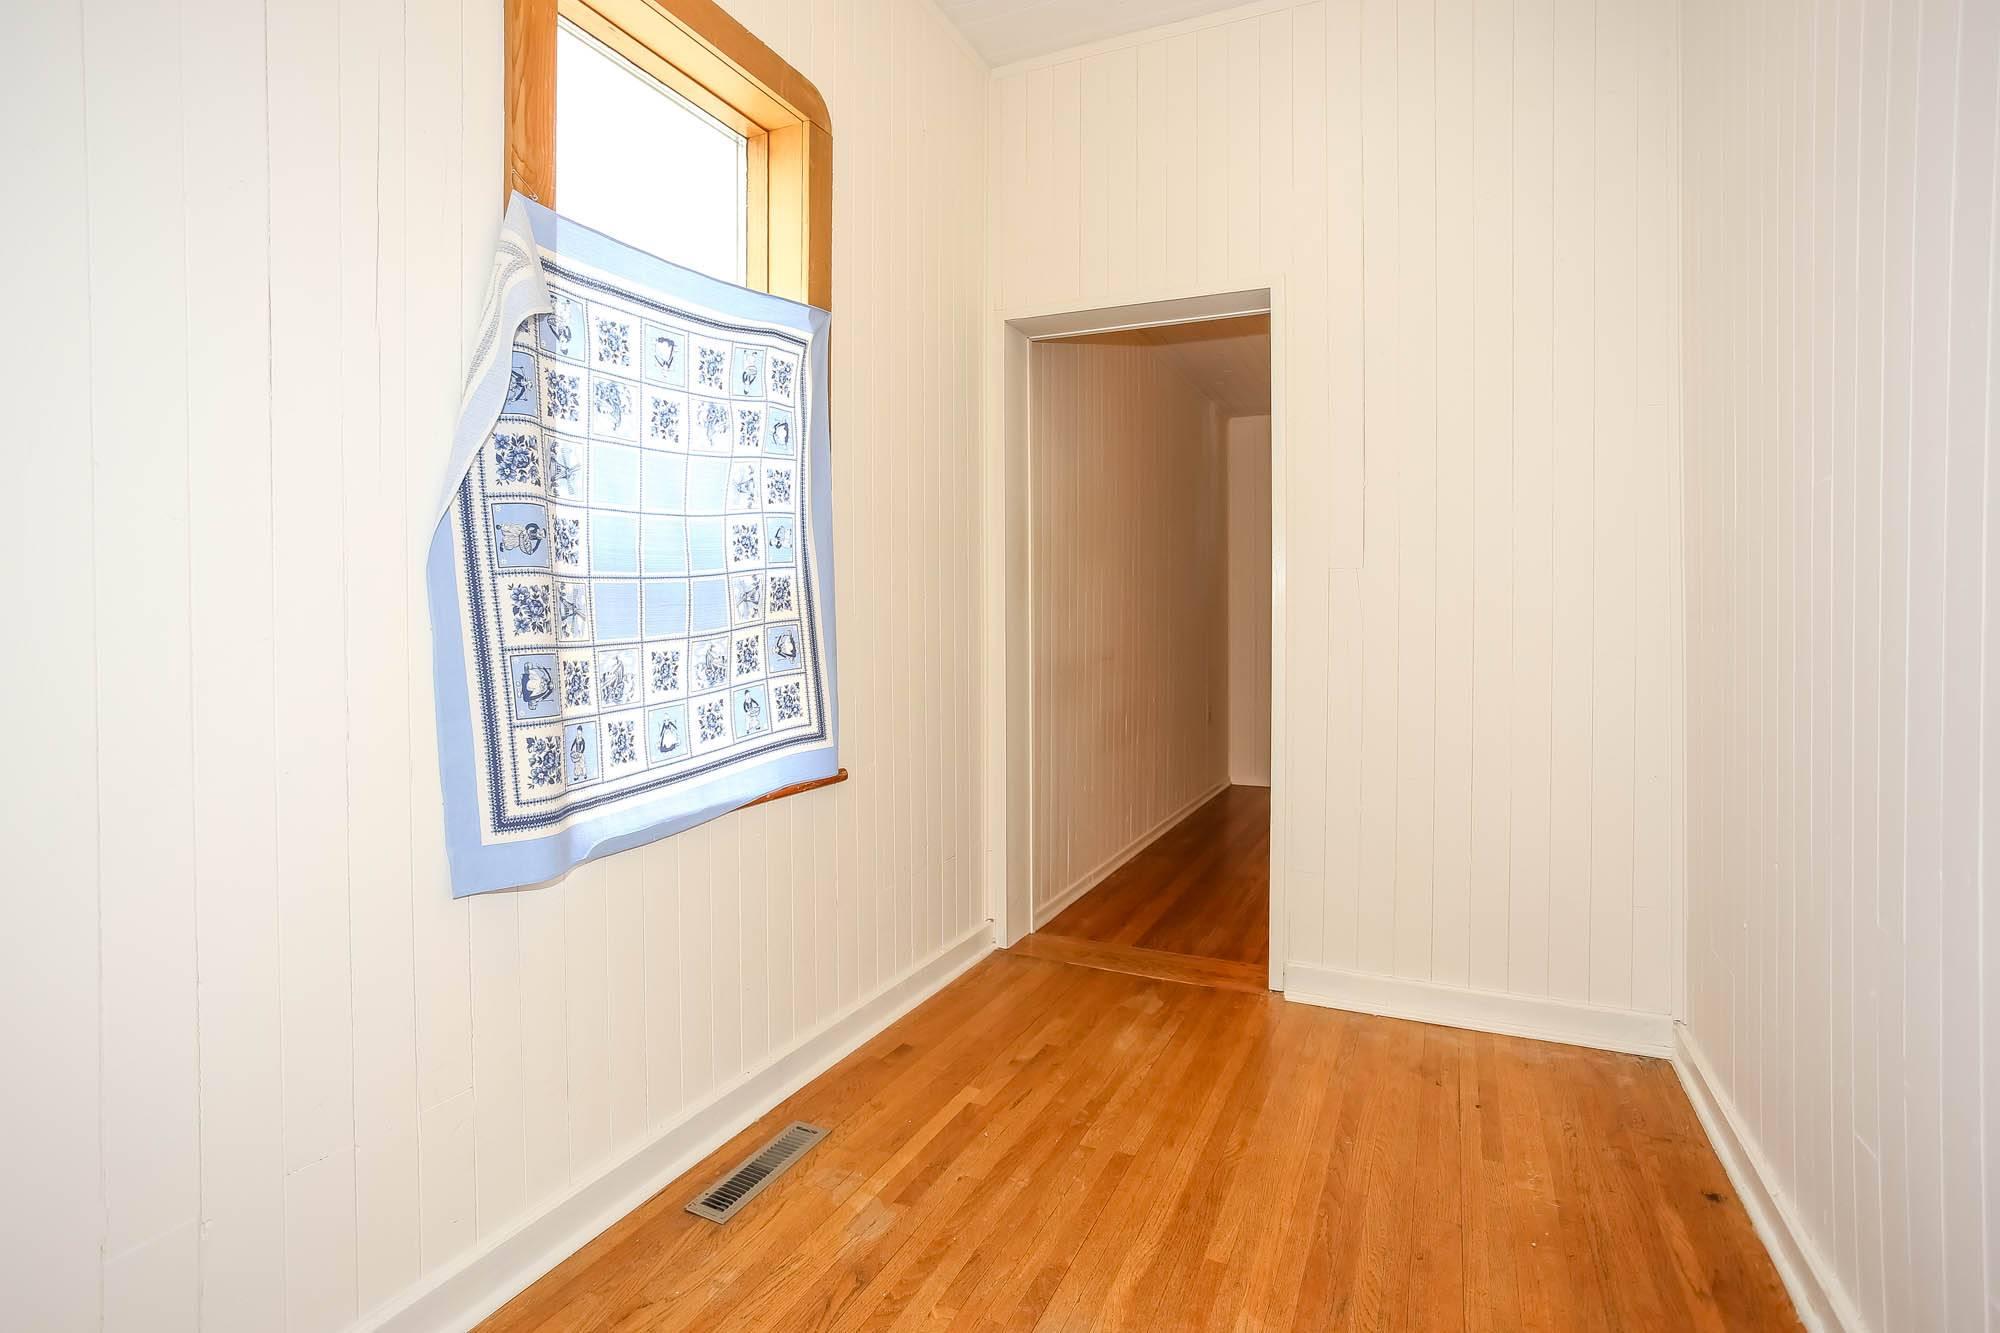 390 Banning, Winnipeg, Manitoba  R3G 2E5 - Photo 4 - 1914266